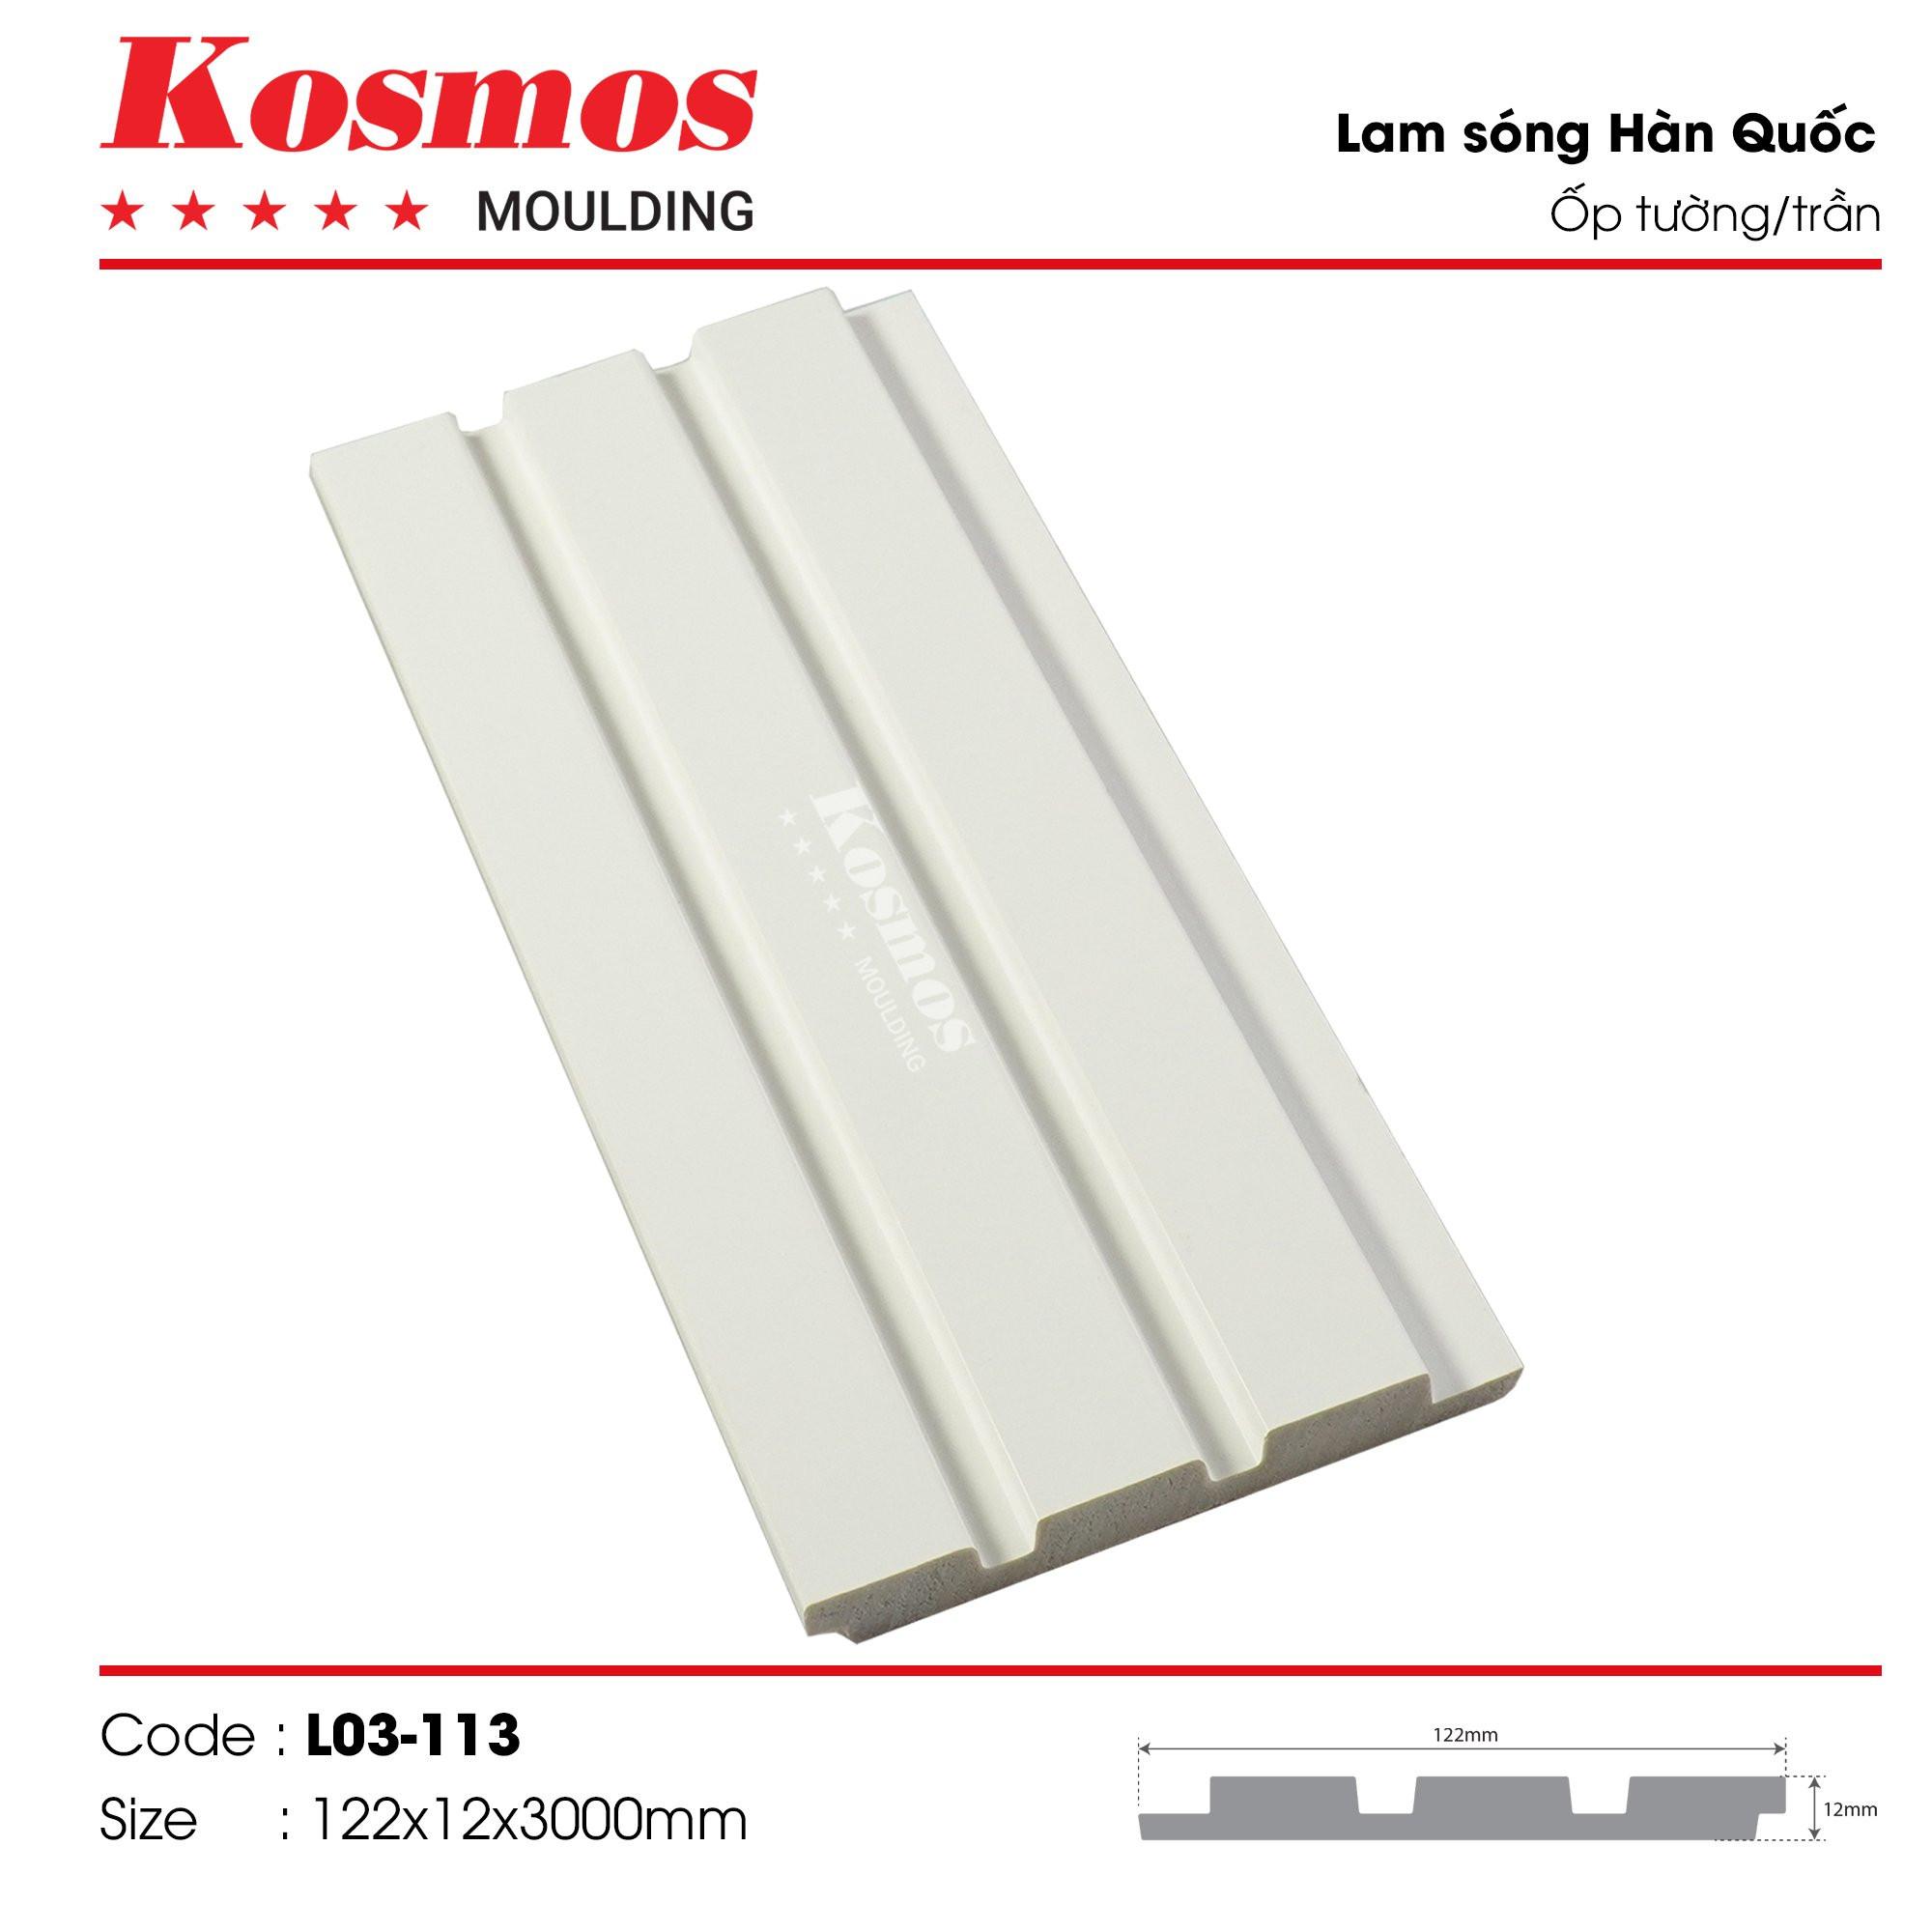 LAM SÓNG KOSMOS MOULDING LO3-113